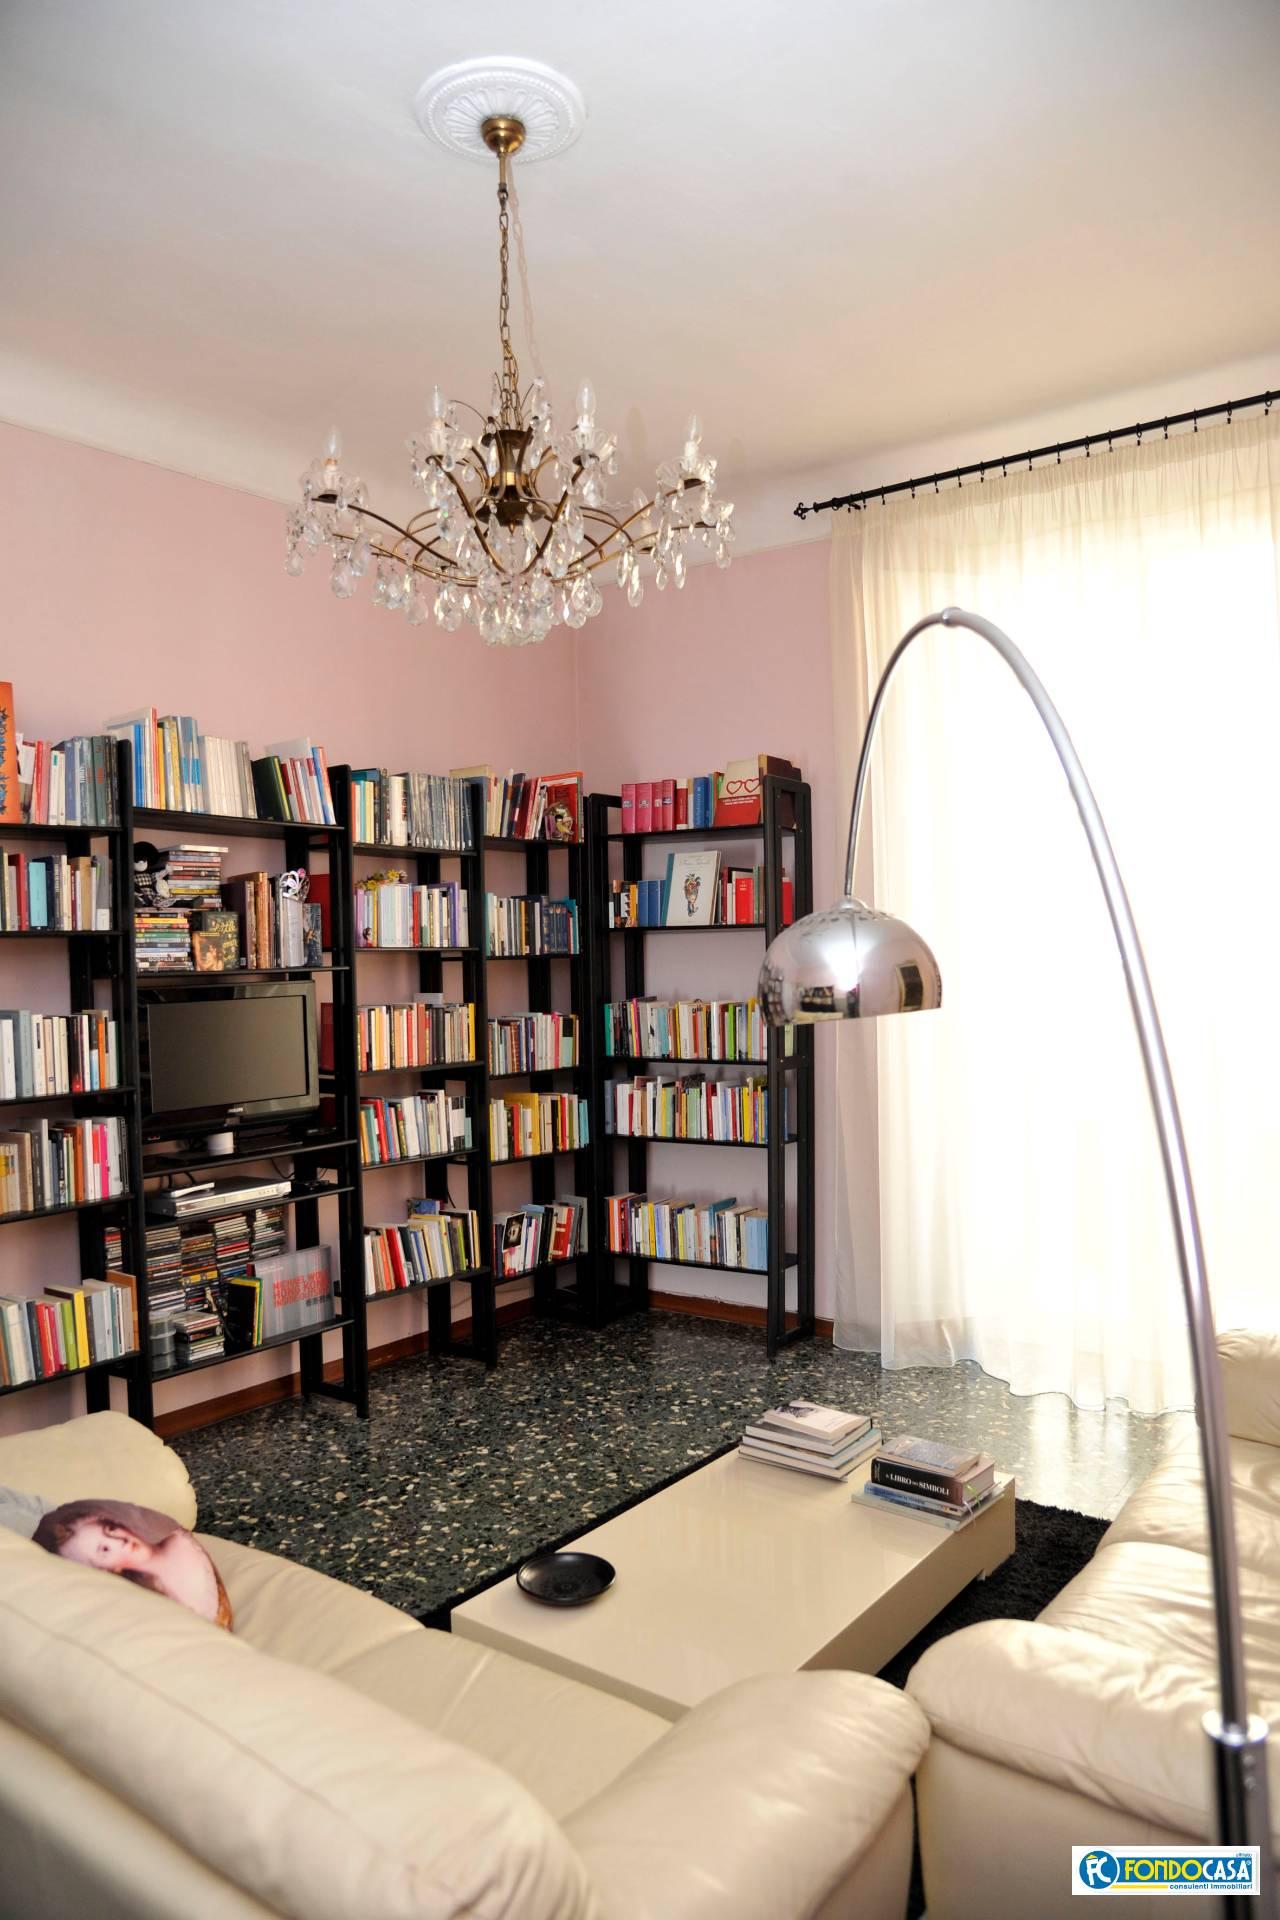 Agenzia immobiliare milano porta venezia for Immobiliare milano